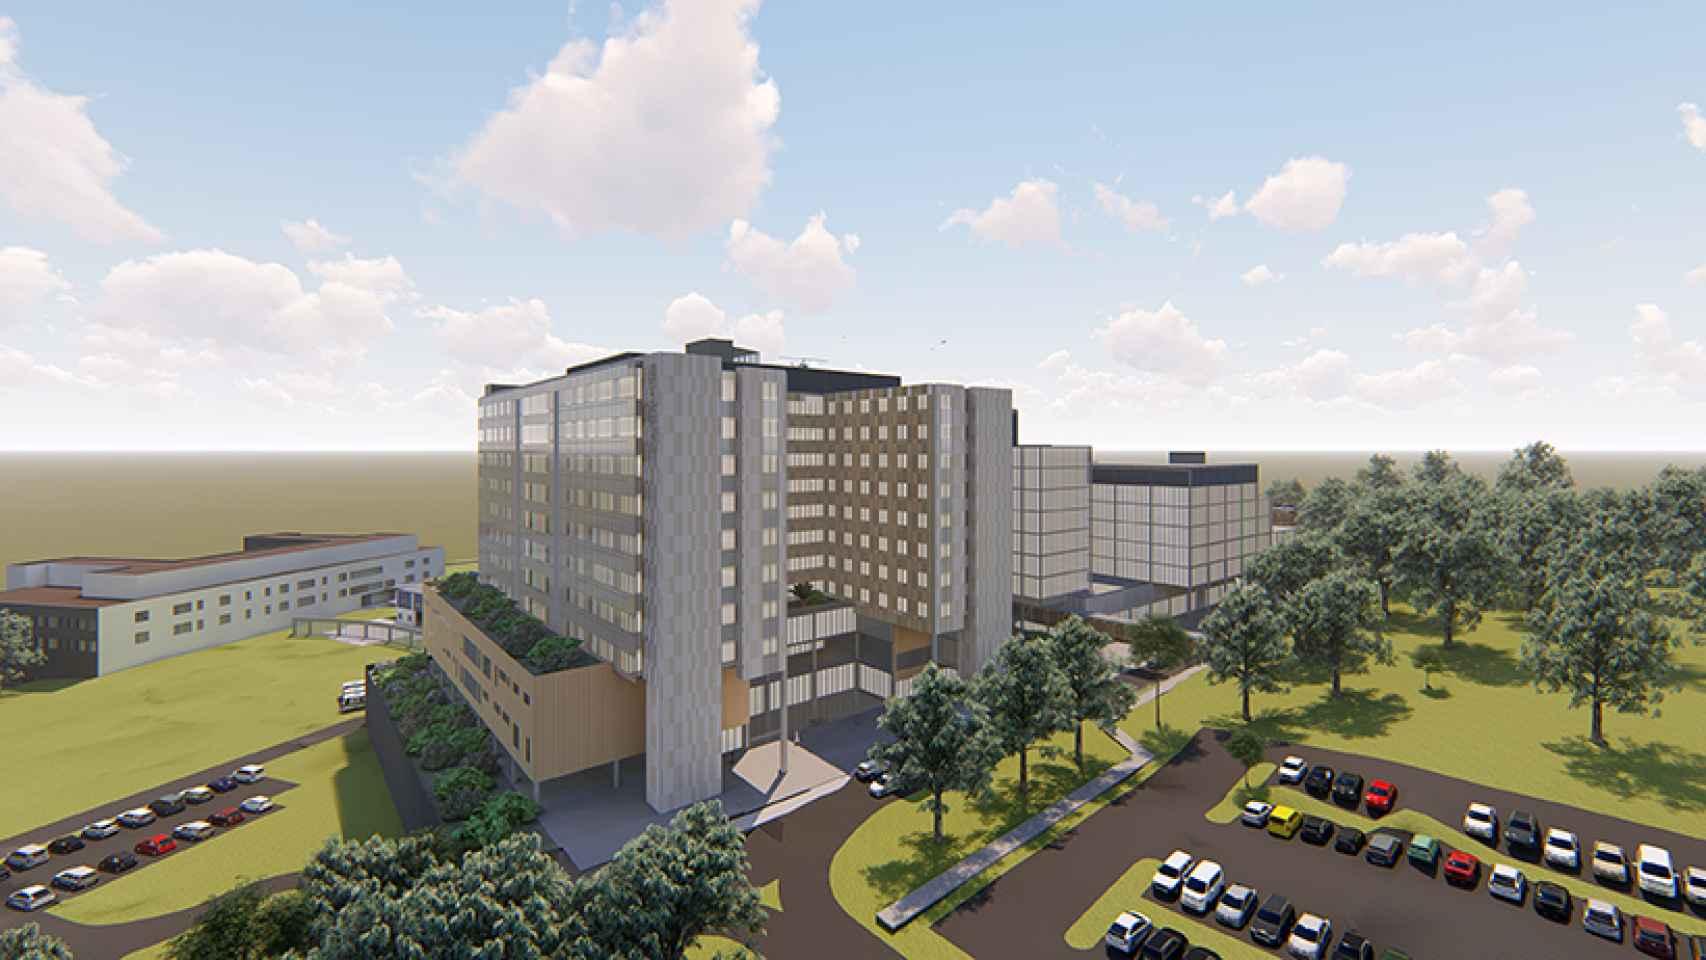 Imagen del proyecto de construcción que desarrollará CPB Contractors.